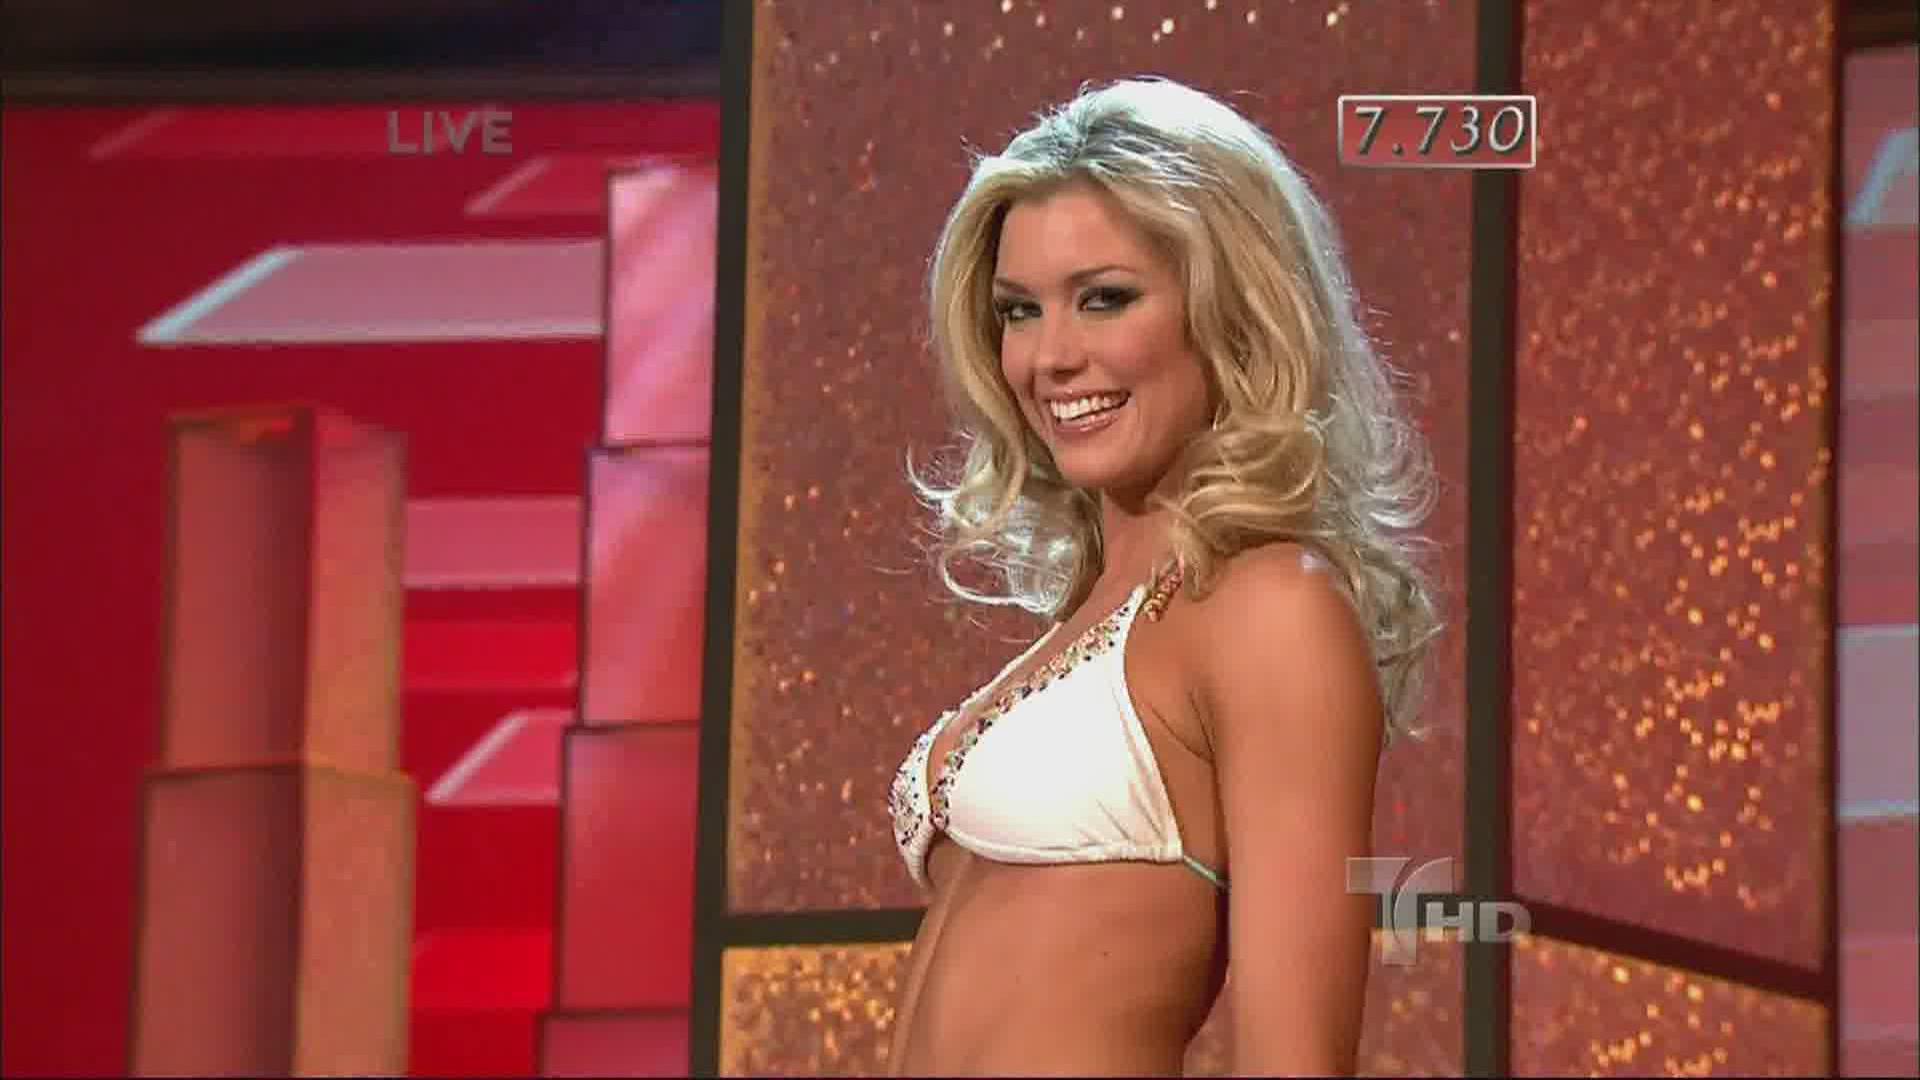 Miss Traje BañoTelemundo En Universo 2009Desfile De UzVMpSq